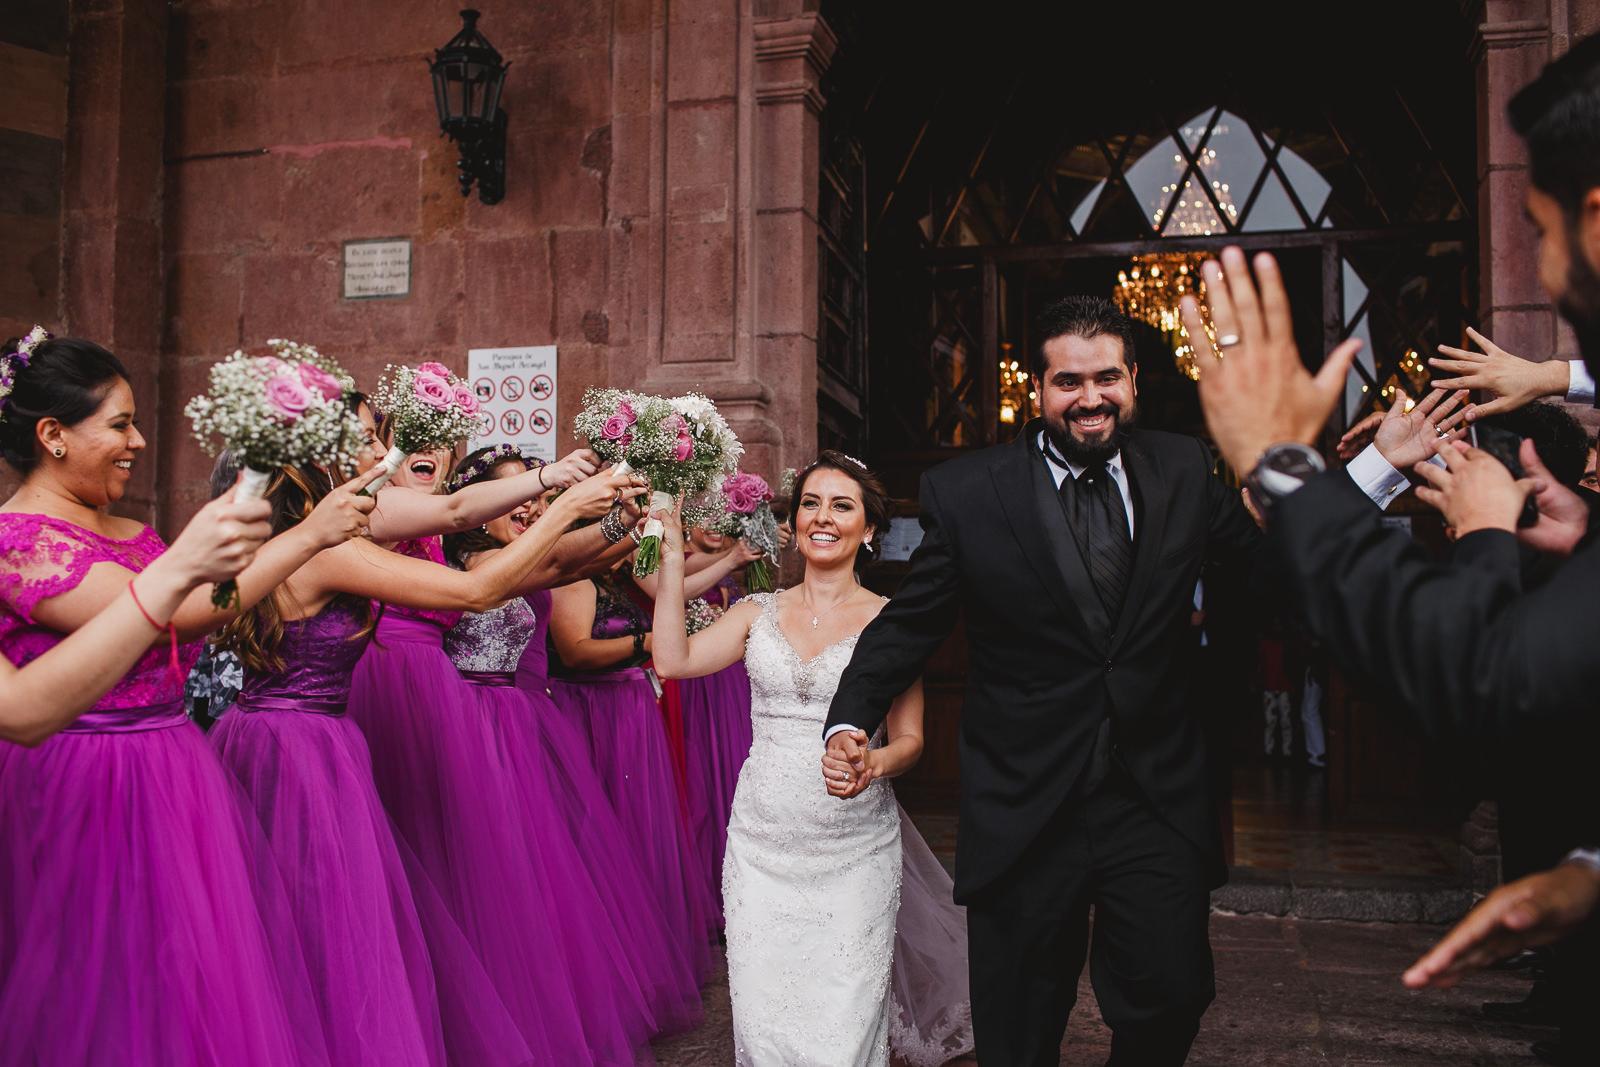 fotografo-de-bodas-san-miguel-de-allende-043